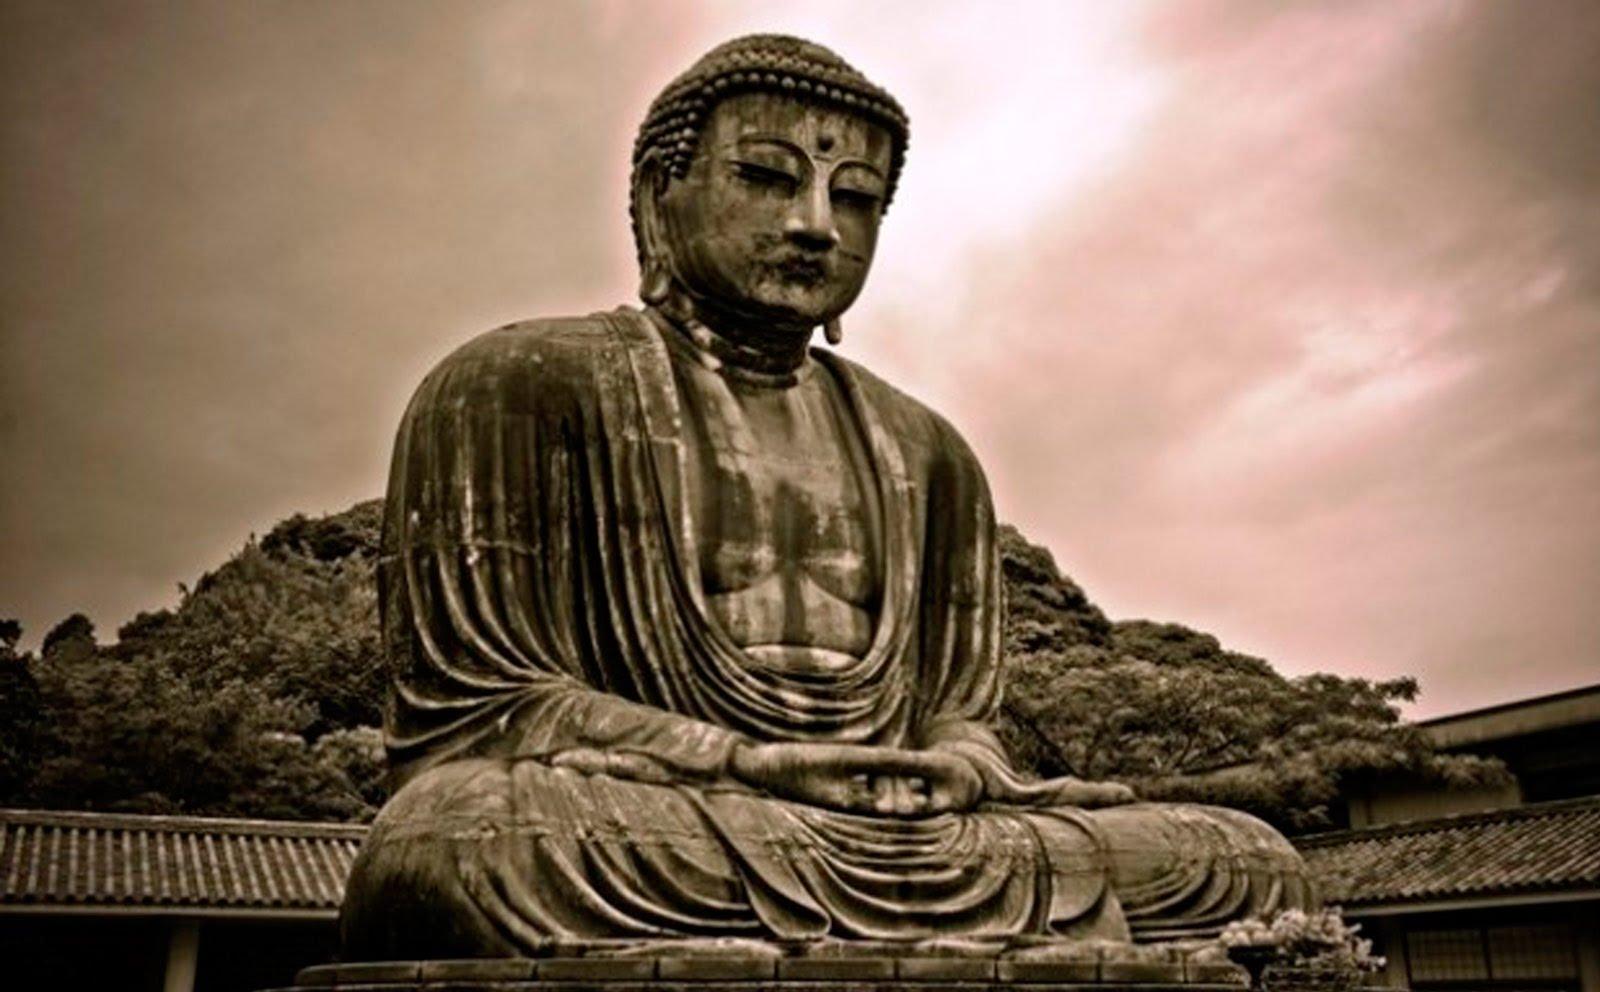 Historia de Buda: origen, tipos, chino, de oro, gordo y más